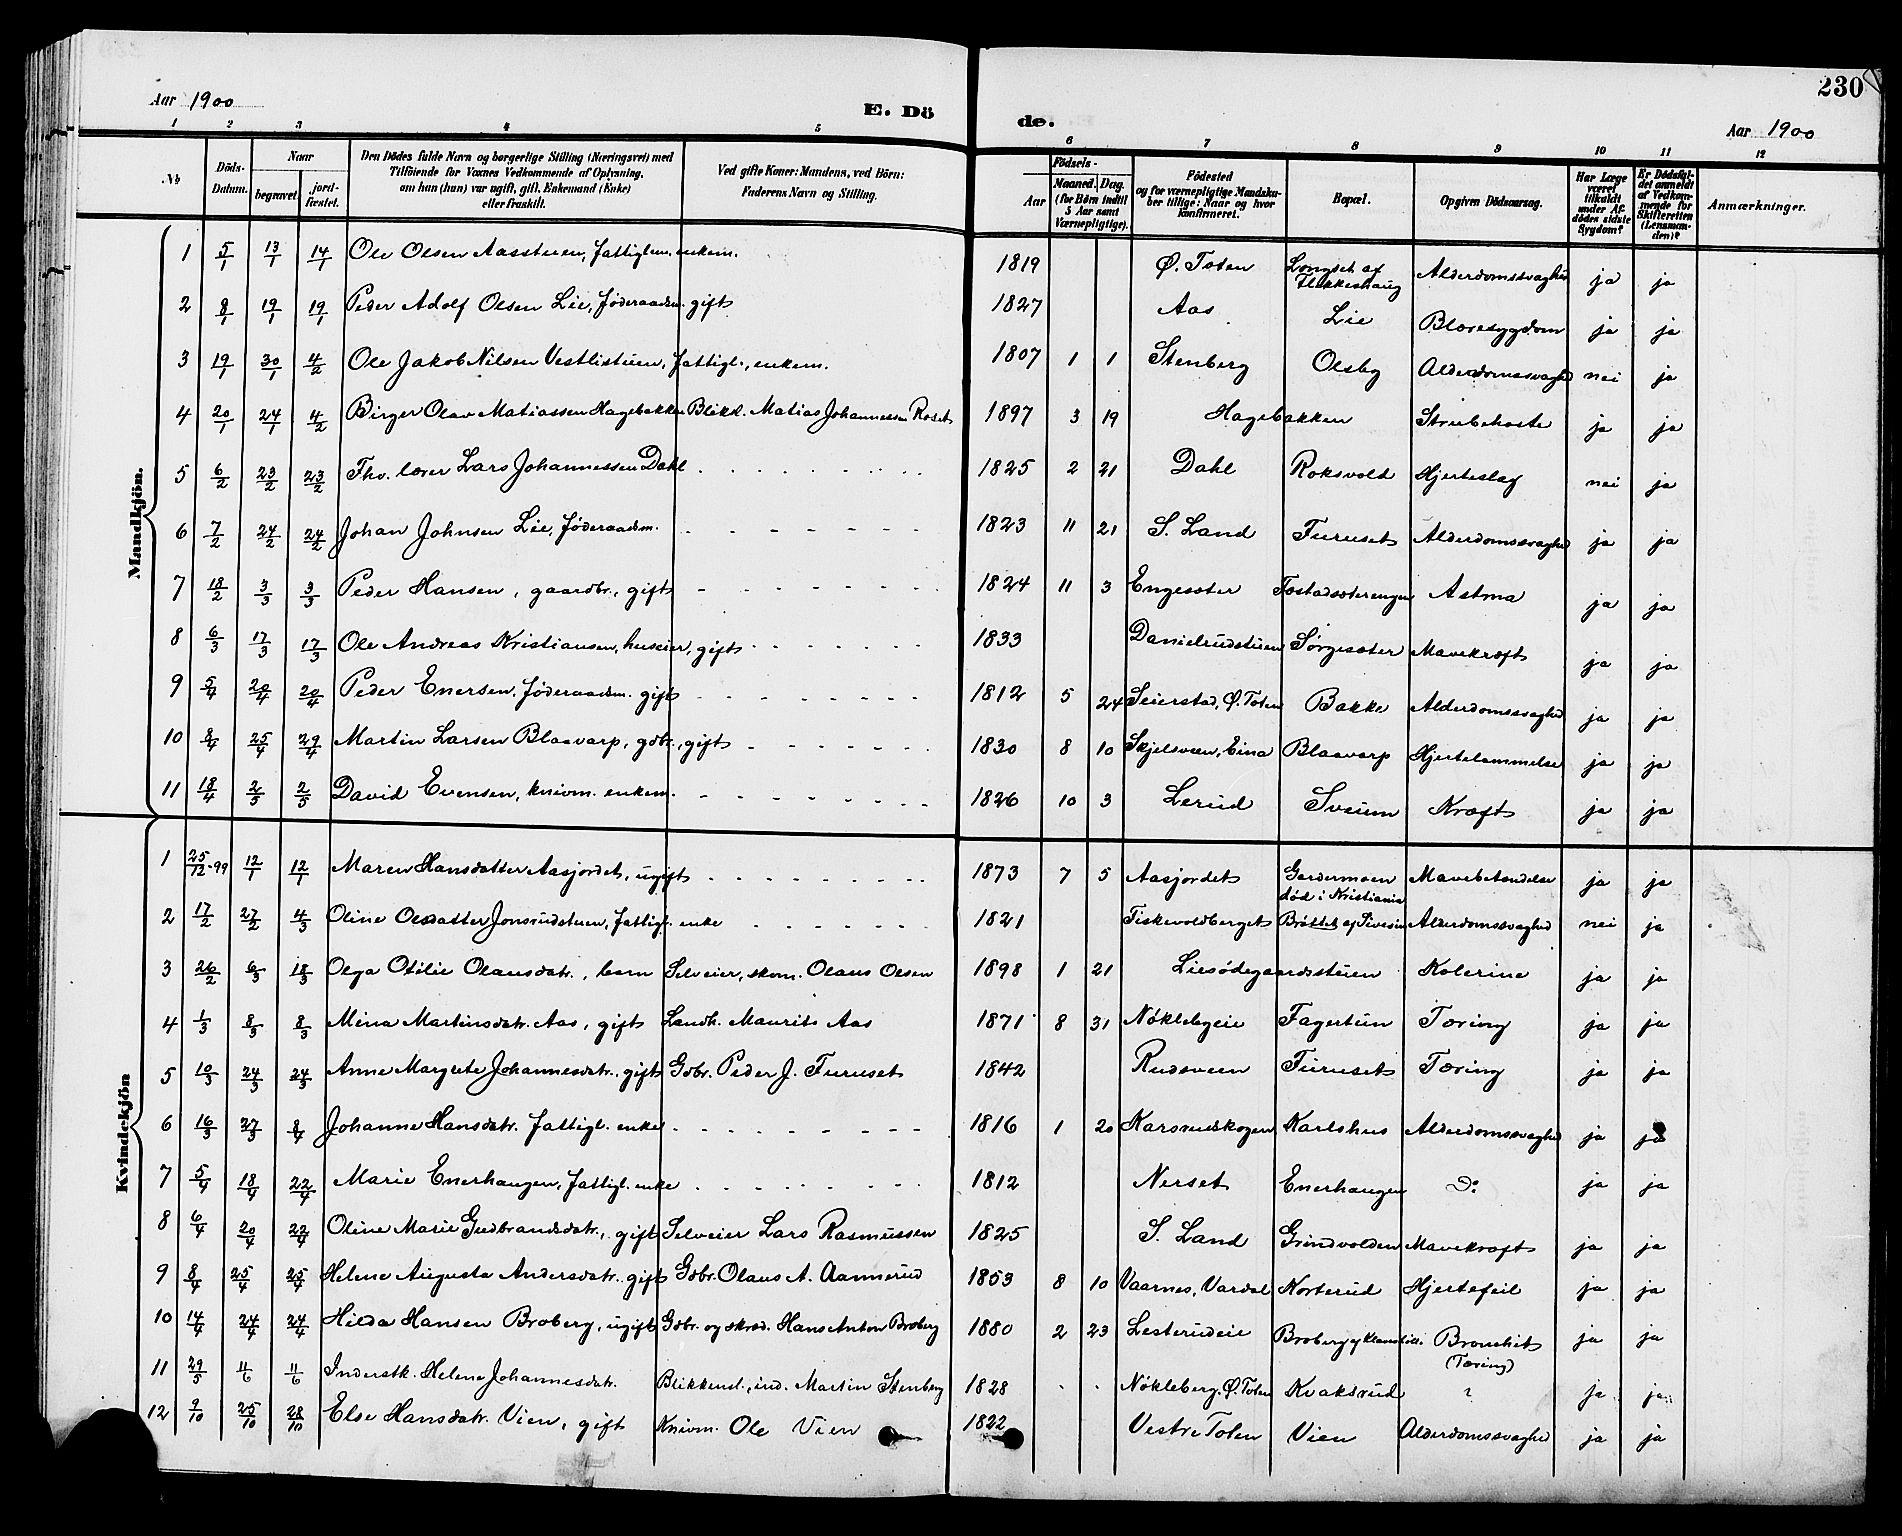 SAH, Vestre Toten prestekontor, H/Ha/Hab/L0010: Klokkerbok nr. 10, 1900-1912, s. 230